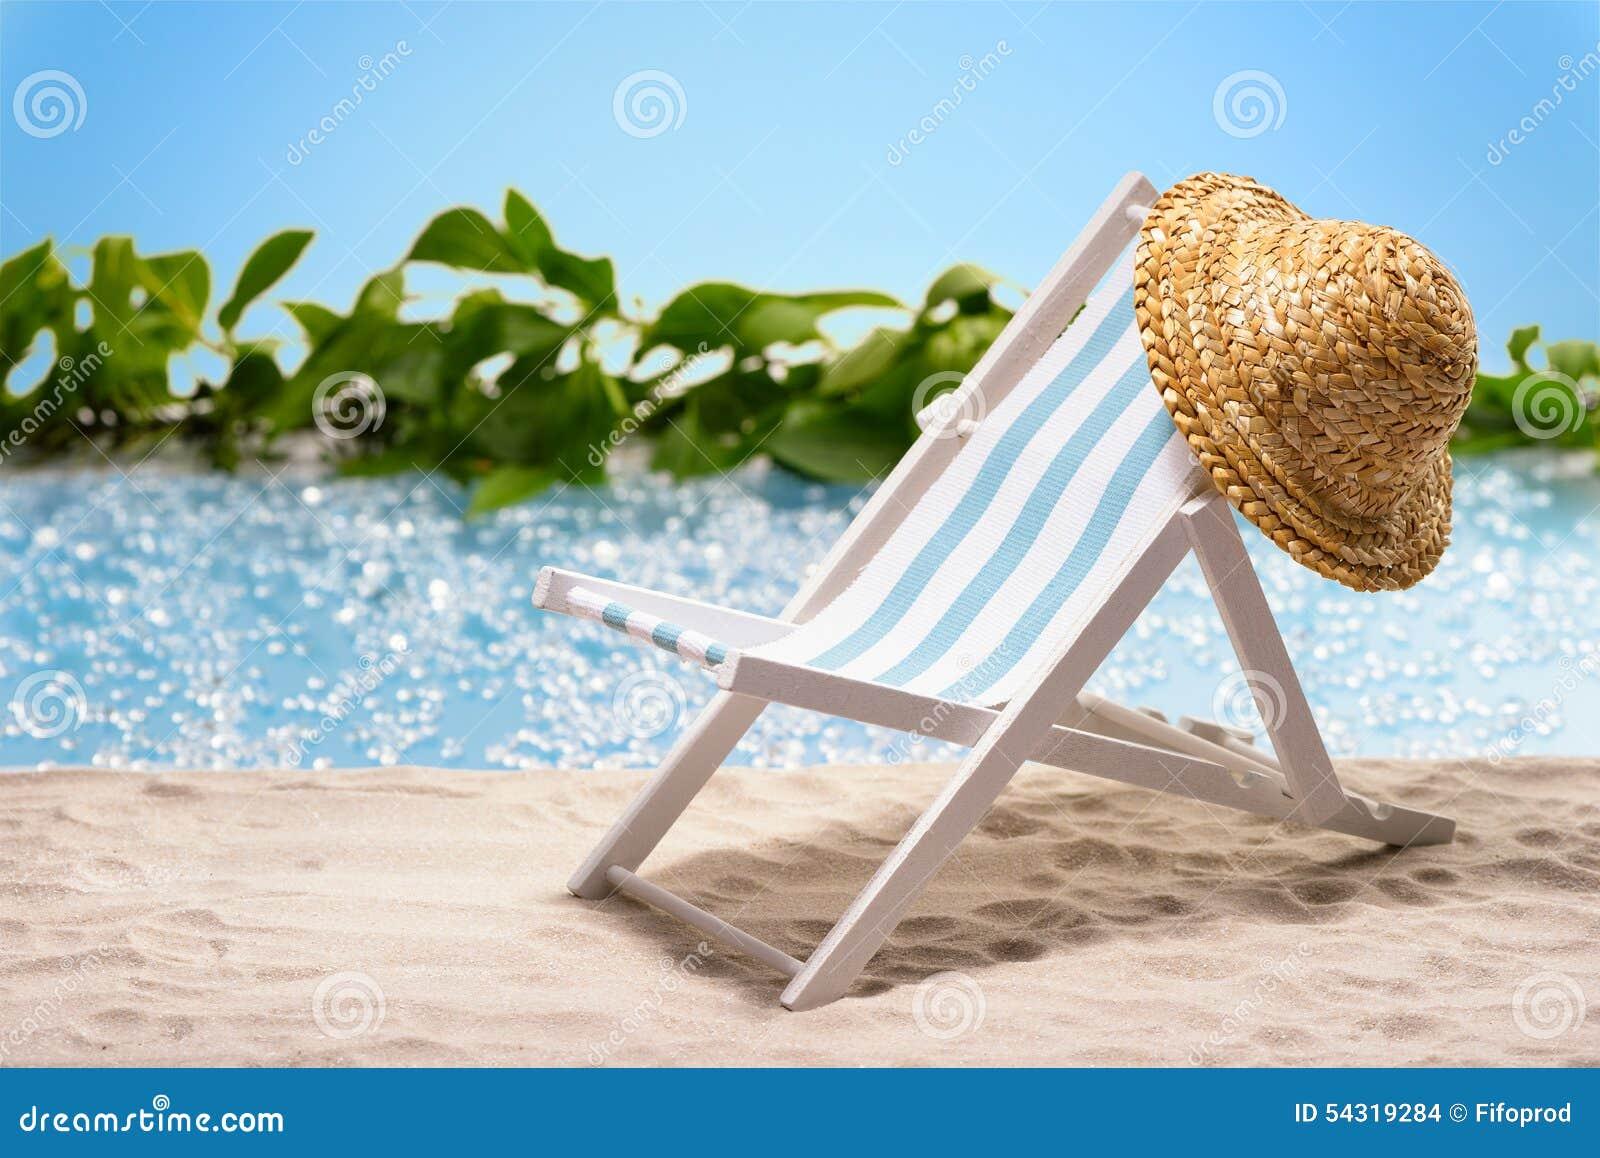 Relaxation à la plage avec le canapé du soleil et chapeau de soleil devant une lagune bleue